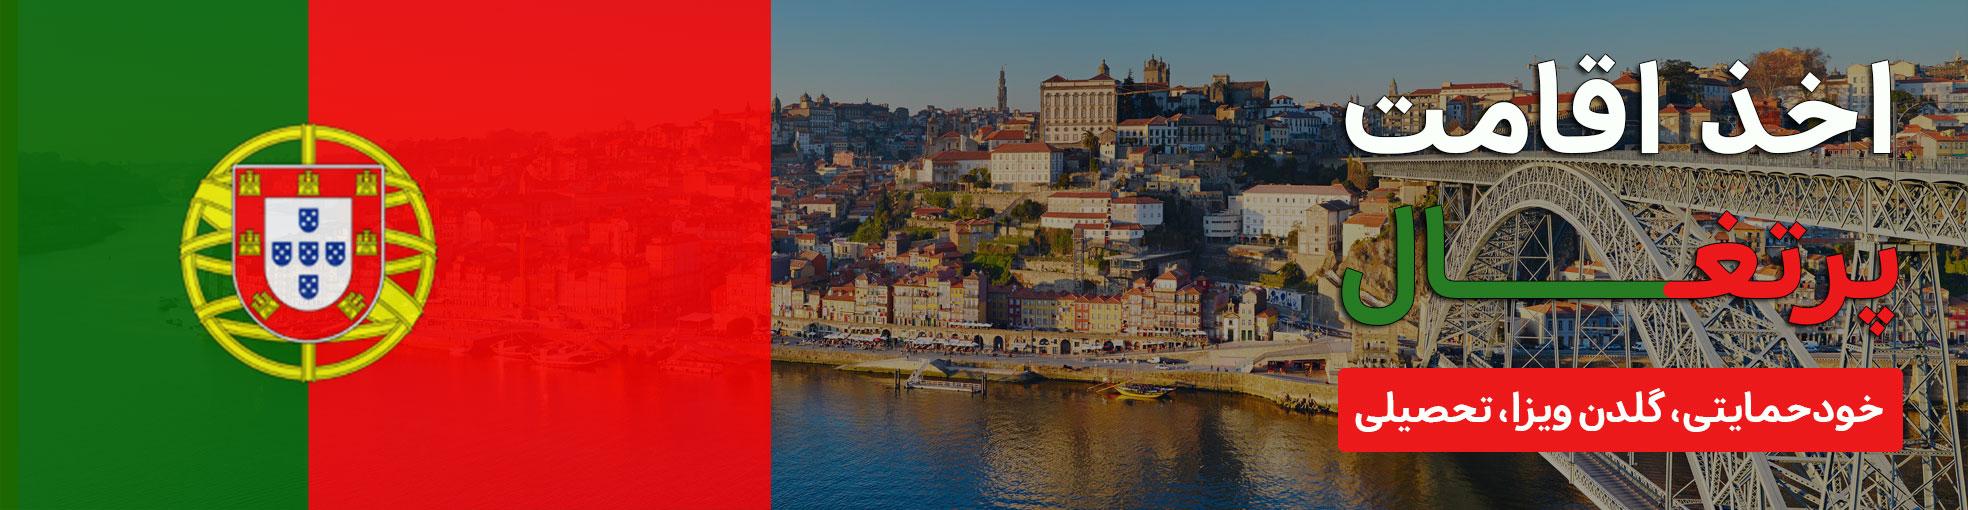 اخذ اقامت پرتغال از طریق خودحمایتی، گلدن ویزا و تحصیلی